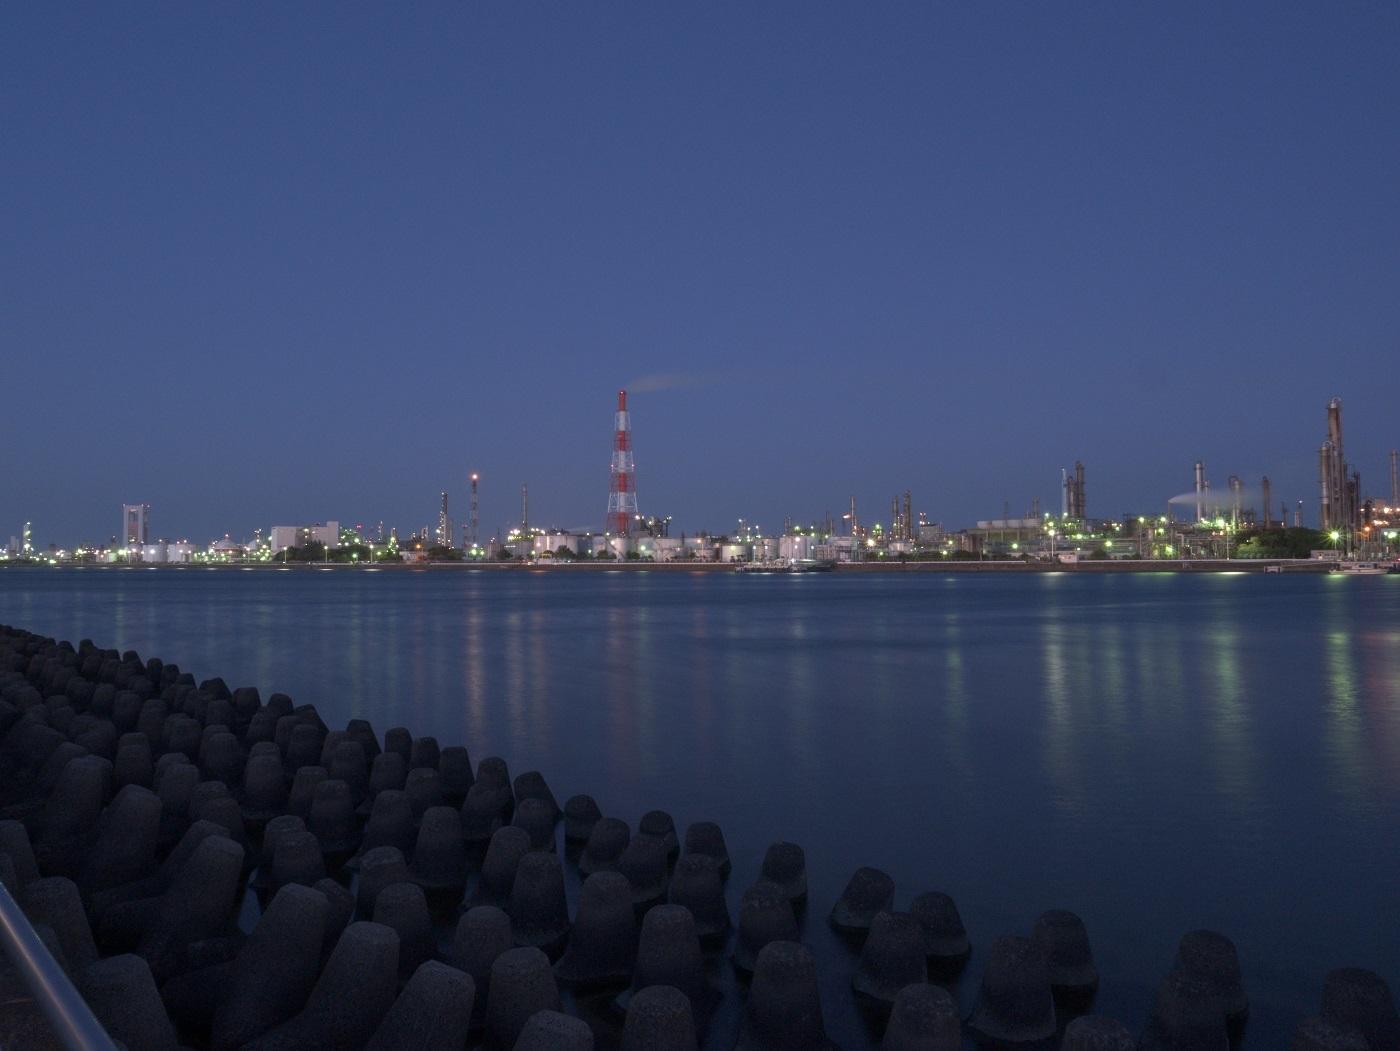 四日市の工場夜景_c0294553_04363006.jpg